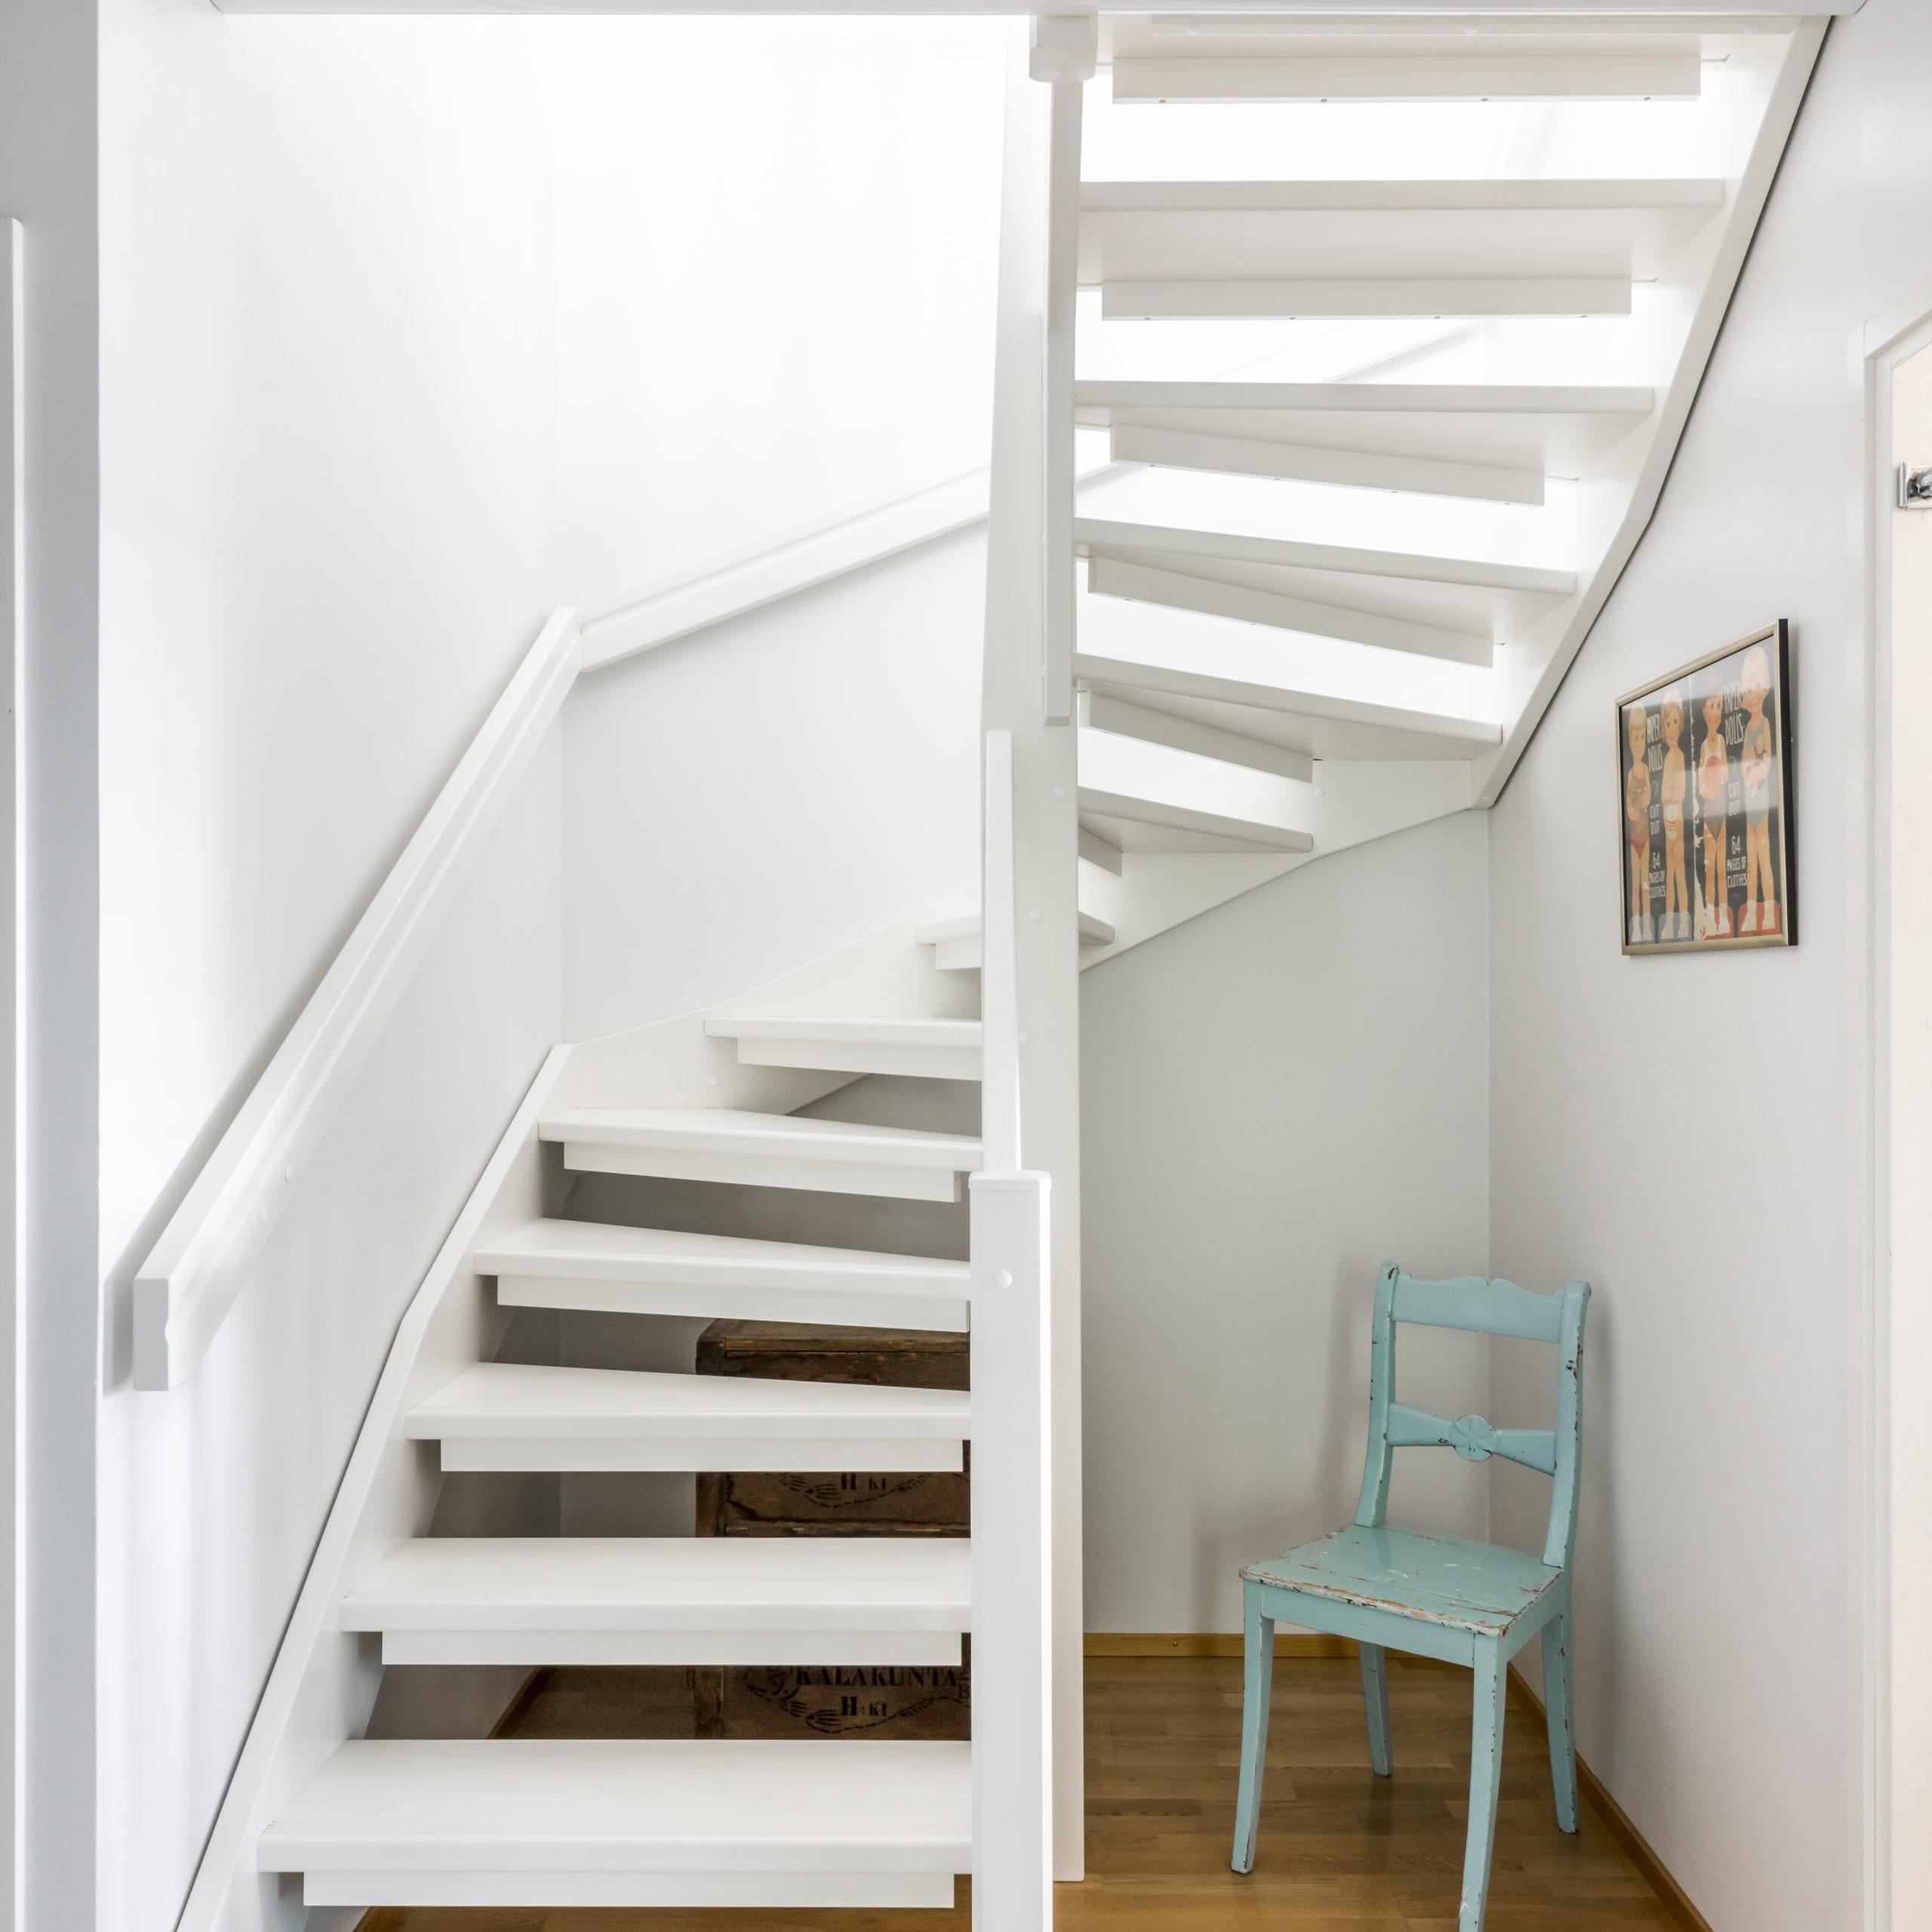 Kuva alakerrasta talon portaista Lappiportaan toteuttaman porrasremontin jälkeen